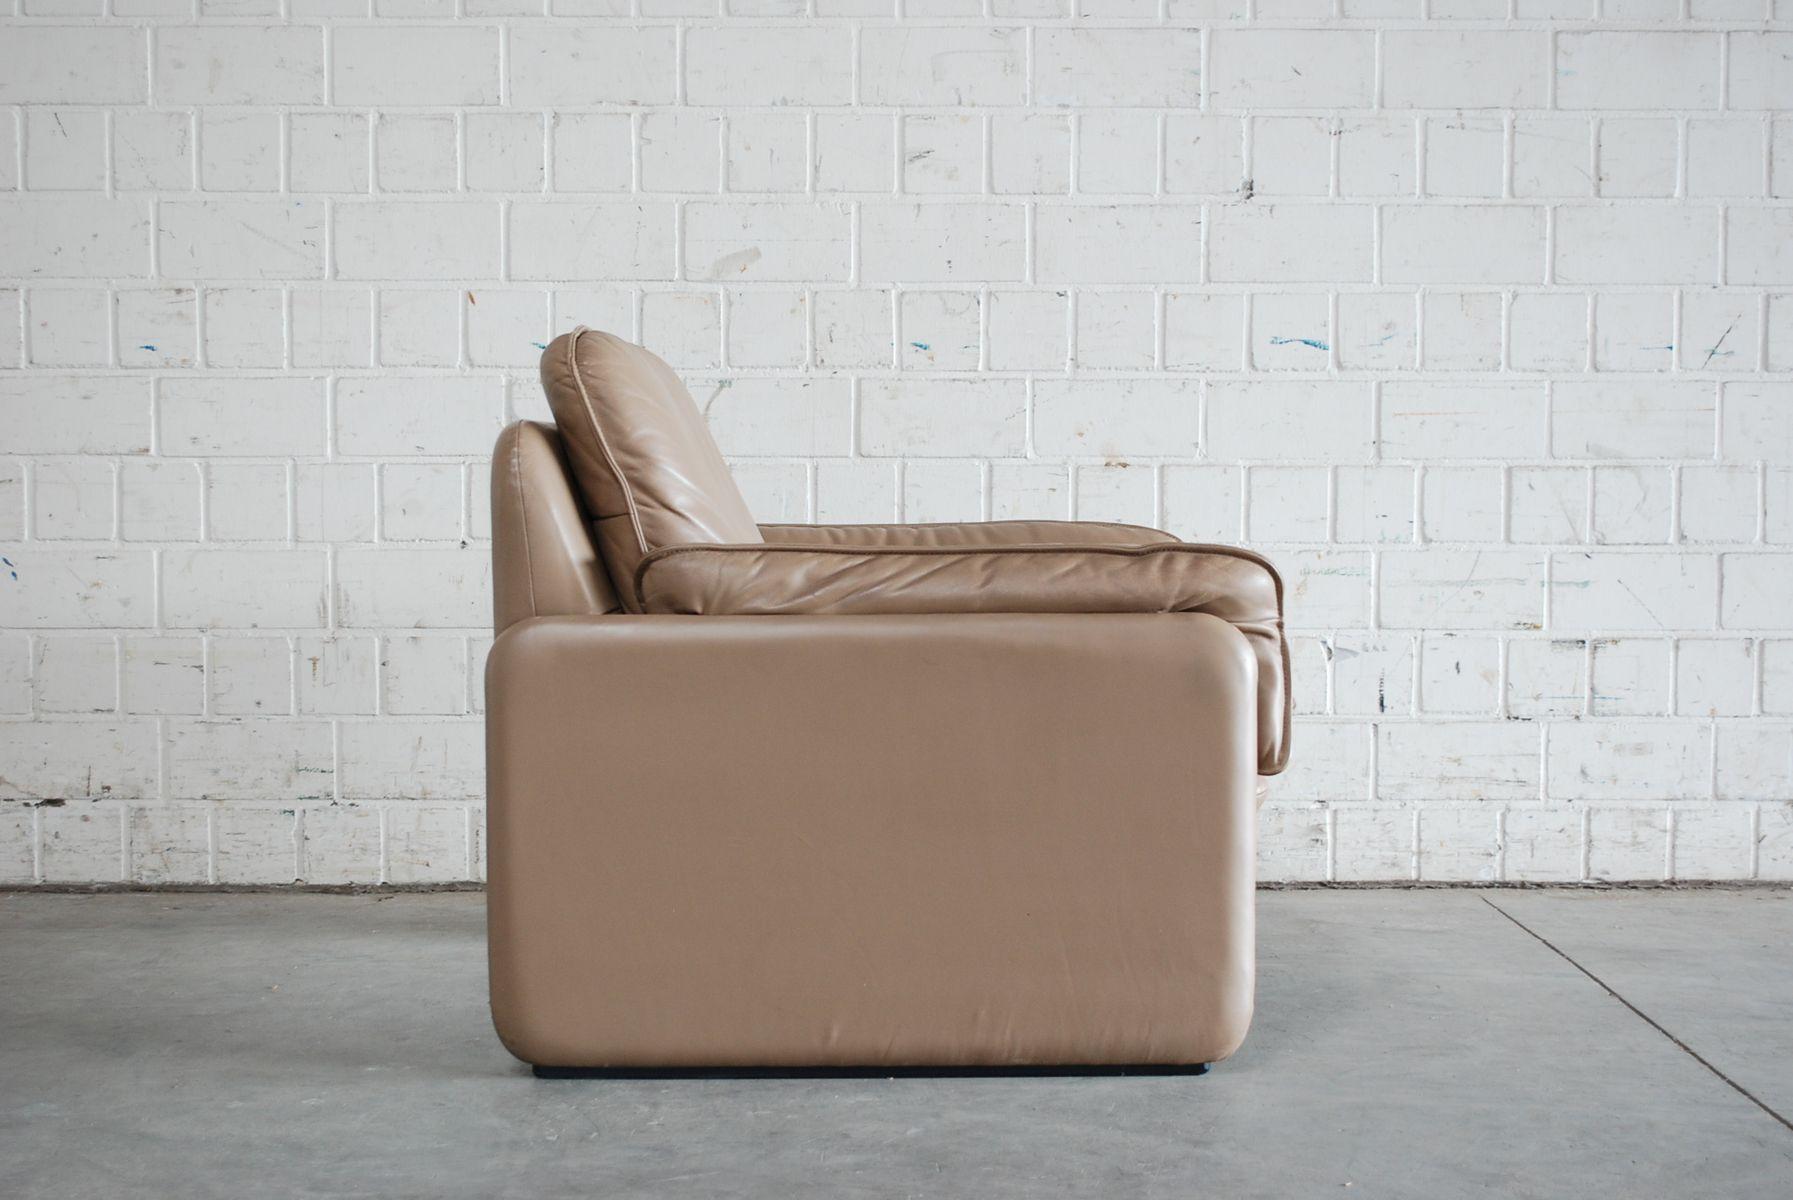 Canap et fauteuil mod le ds 61 vintage en cuir de de sede en vente sur pamono for Modele canape